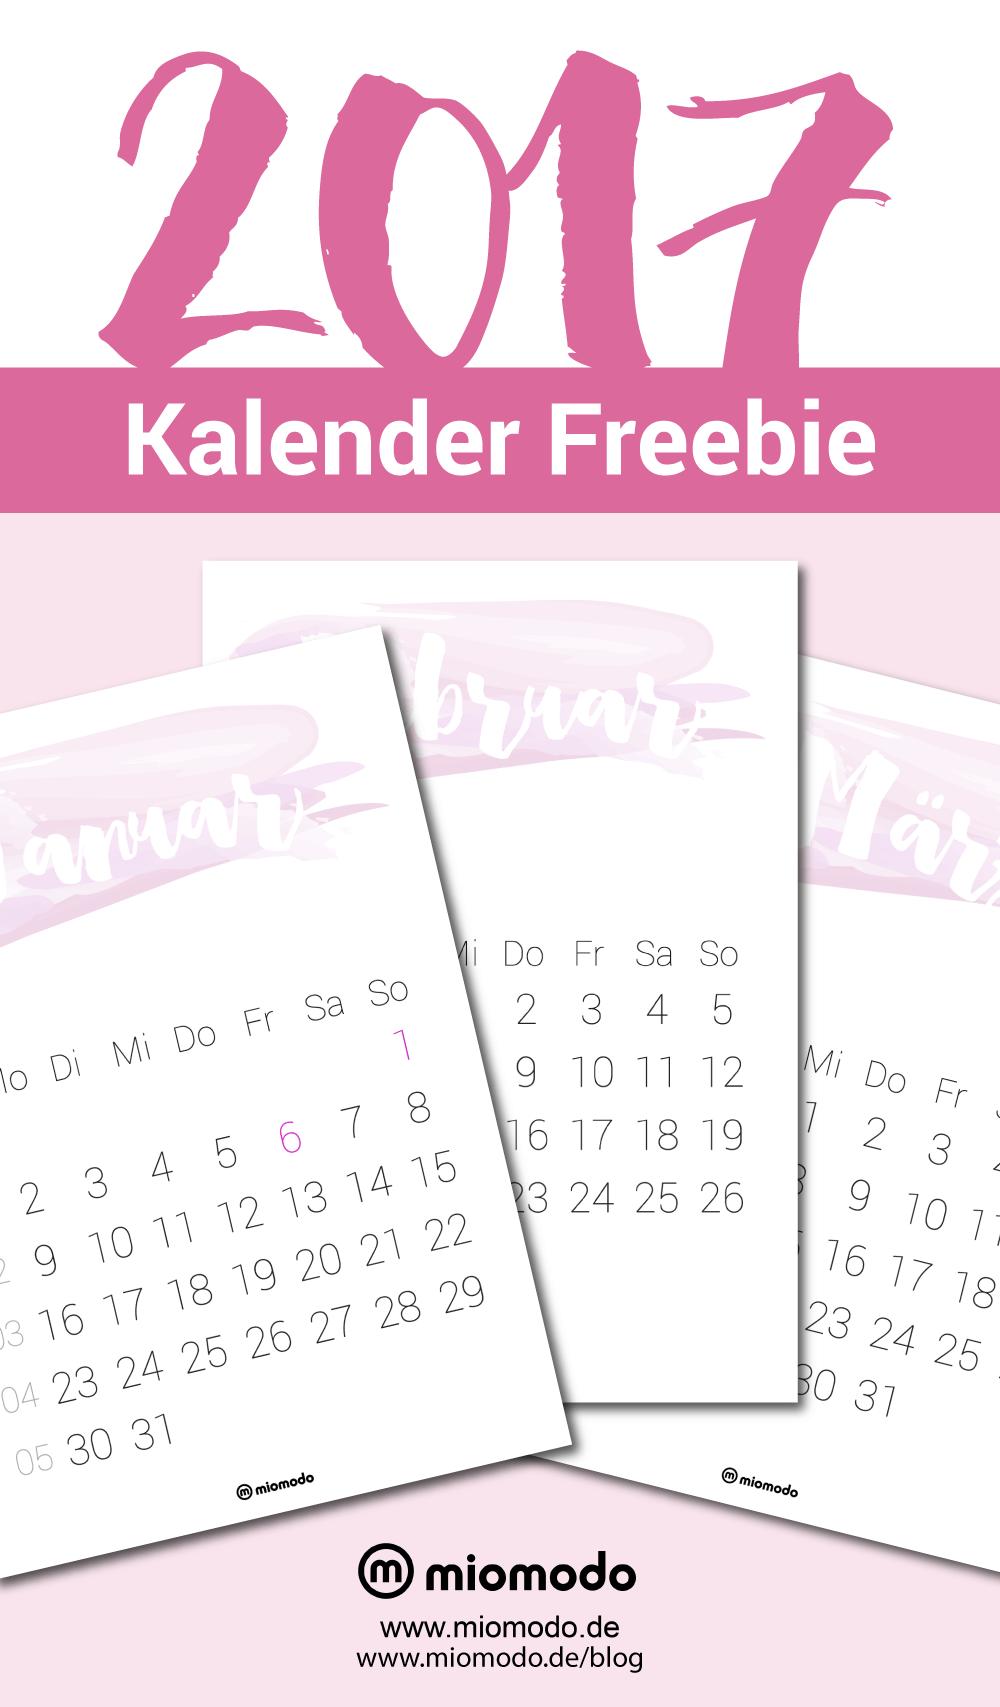 Kalender 2017 zum Ausdrucken - PDF Vorlage | Kalender 2017 ...